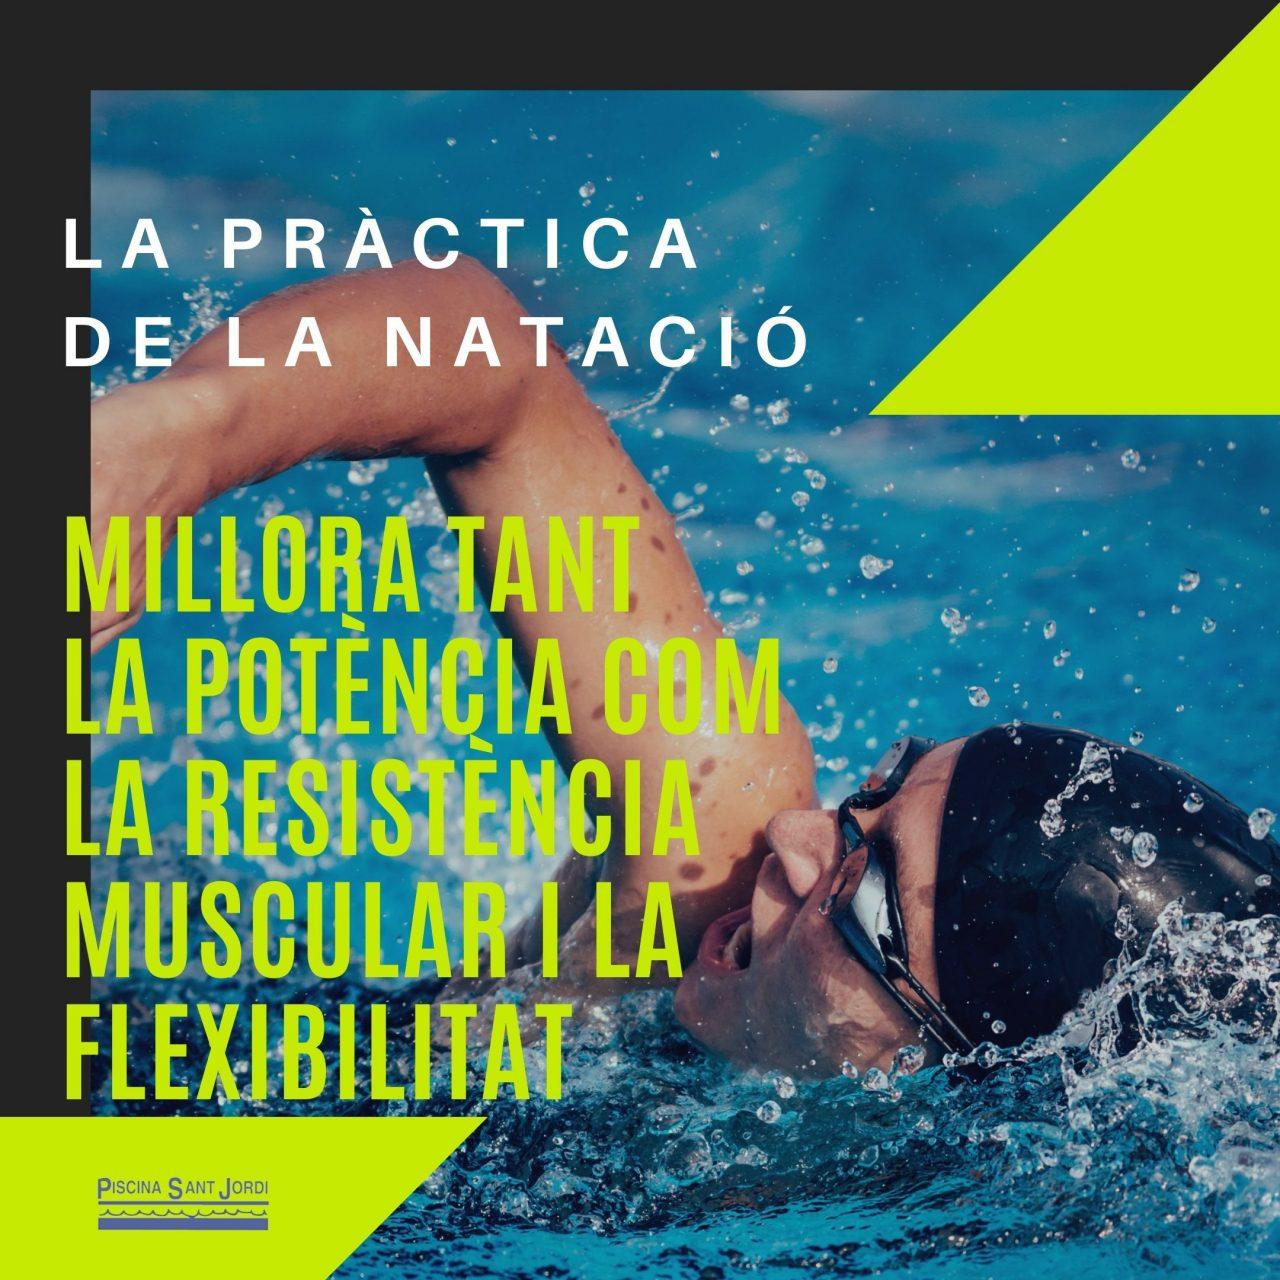 LA-PRÀCTICA-DE-LA-NATACIÓ-1280x1280.jpg